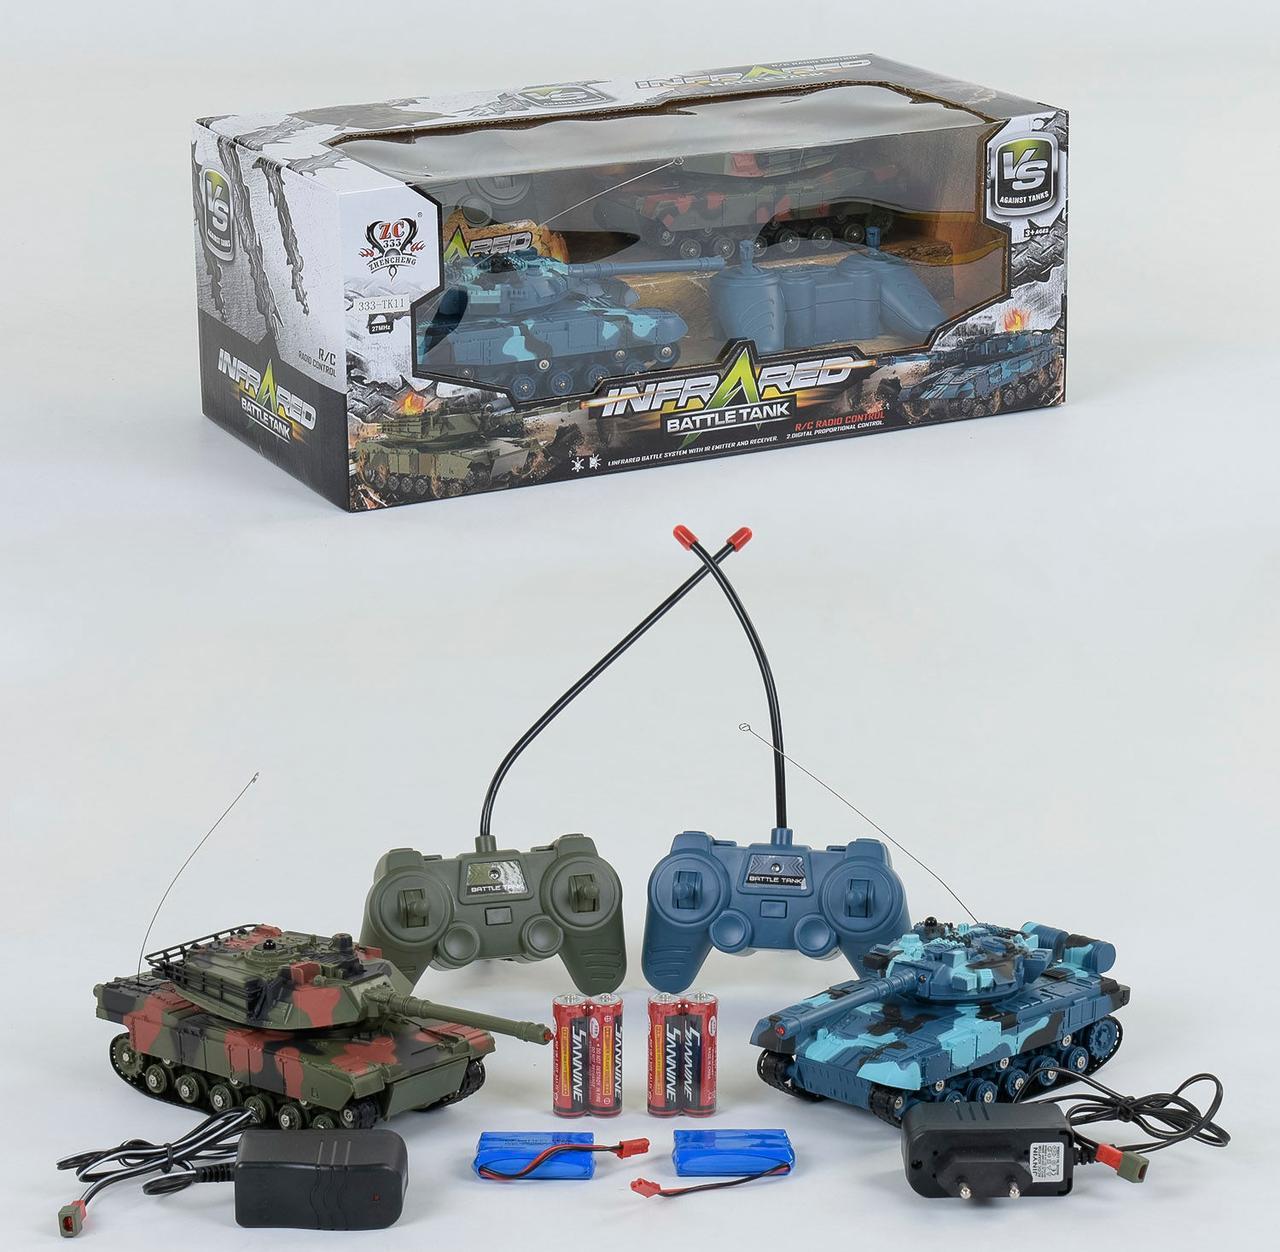 Танковый бой на радиоуправлении 333 - ТК 11, аккум. 3.6V, 2 цвета световые ефекты, Звуковые ефекты